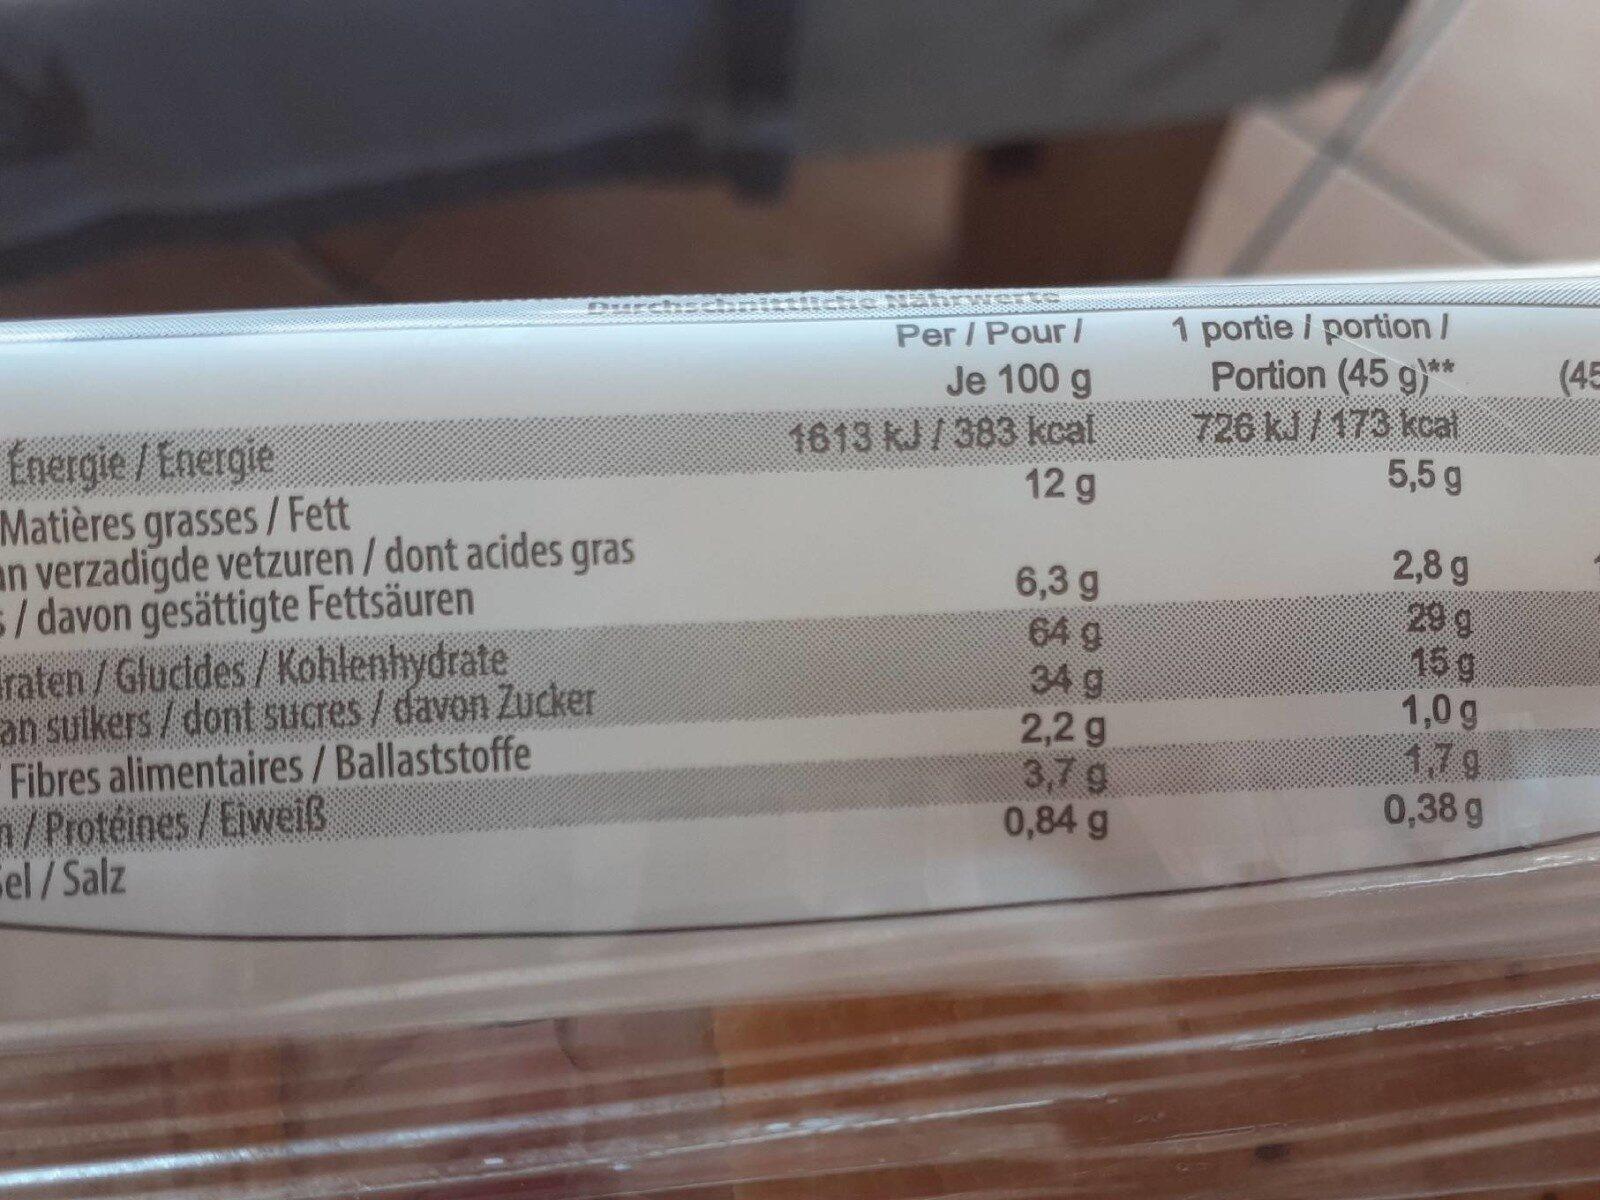 Carré confiture - Informations nutritionnelles - fr